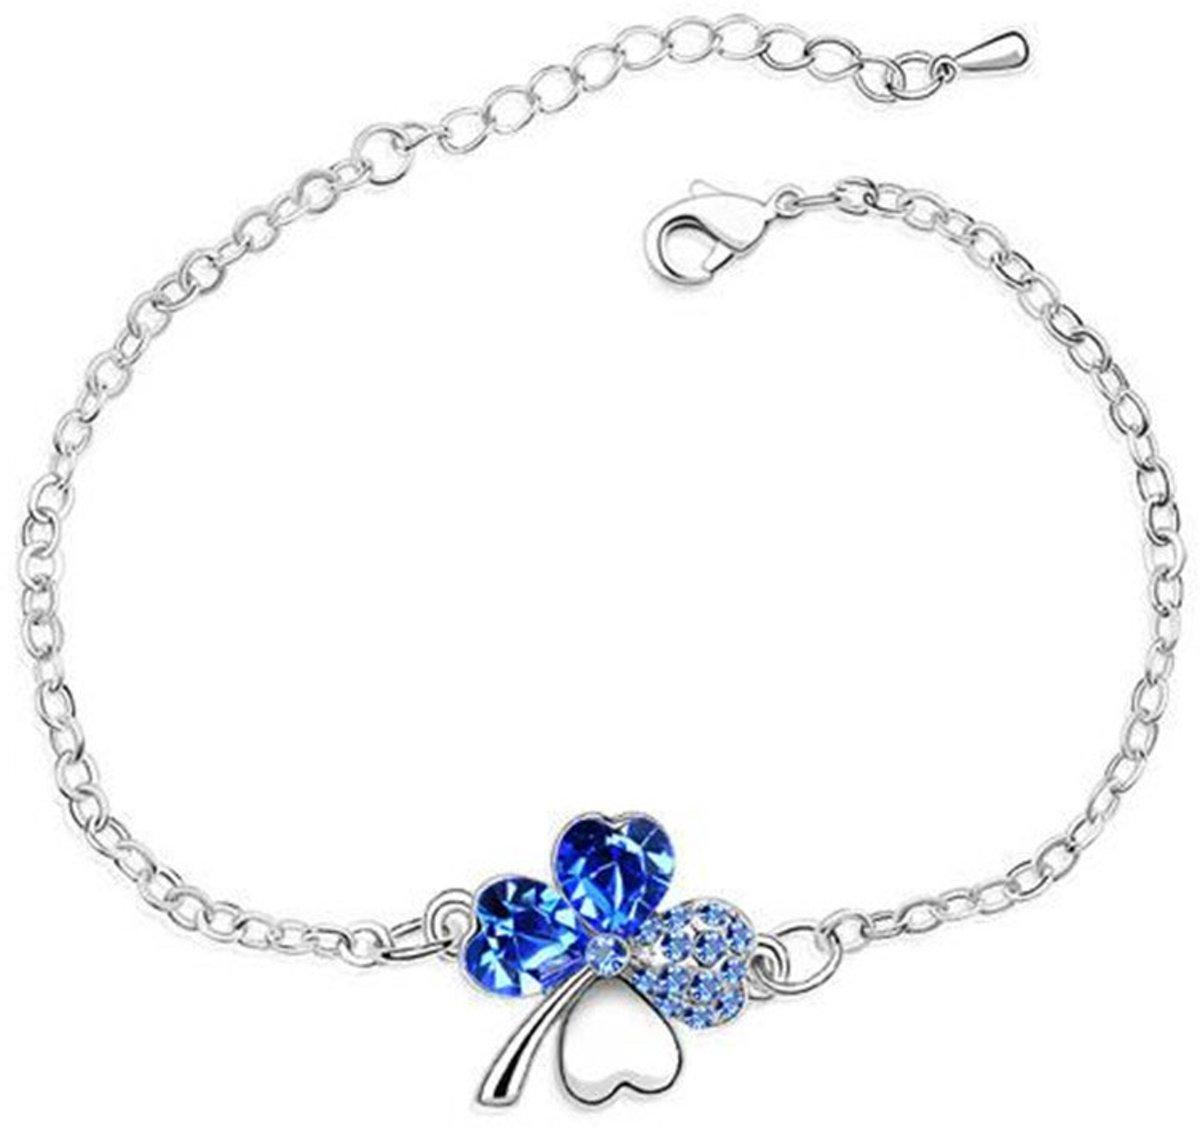 Luxe armband met blauw Swarovski kristal - klaver vier - Valentijnscadeau voor haar - cadeau vriendin kopen